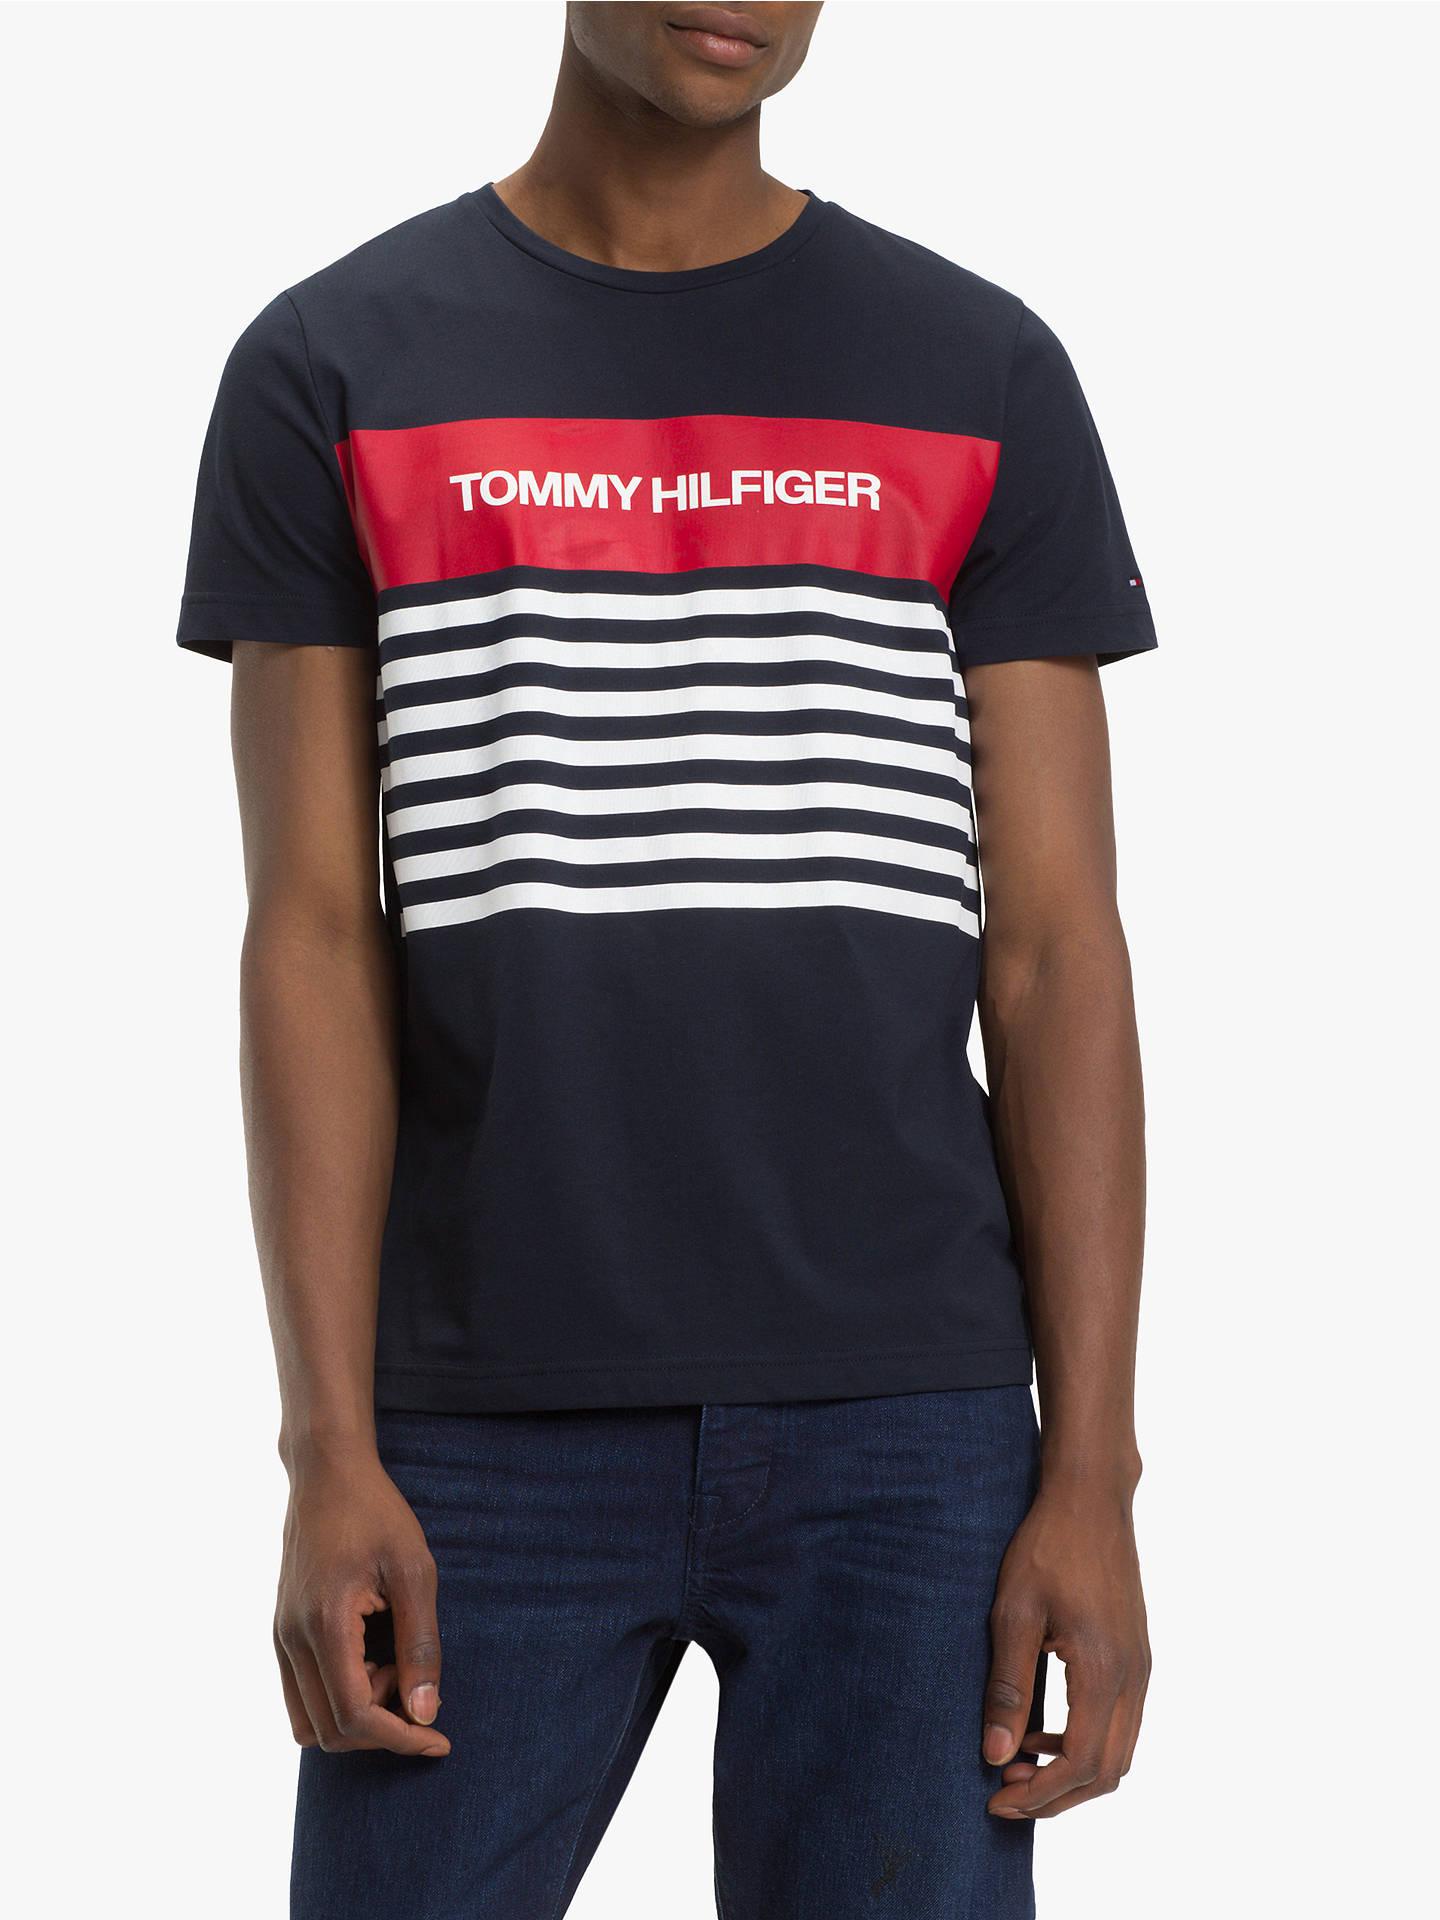 ad6c6913 Buy Tommy Hilfiger Colour Block Stripe T-Shirt, Sky Captain, L Online at ...